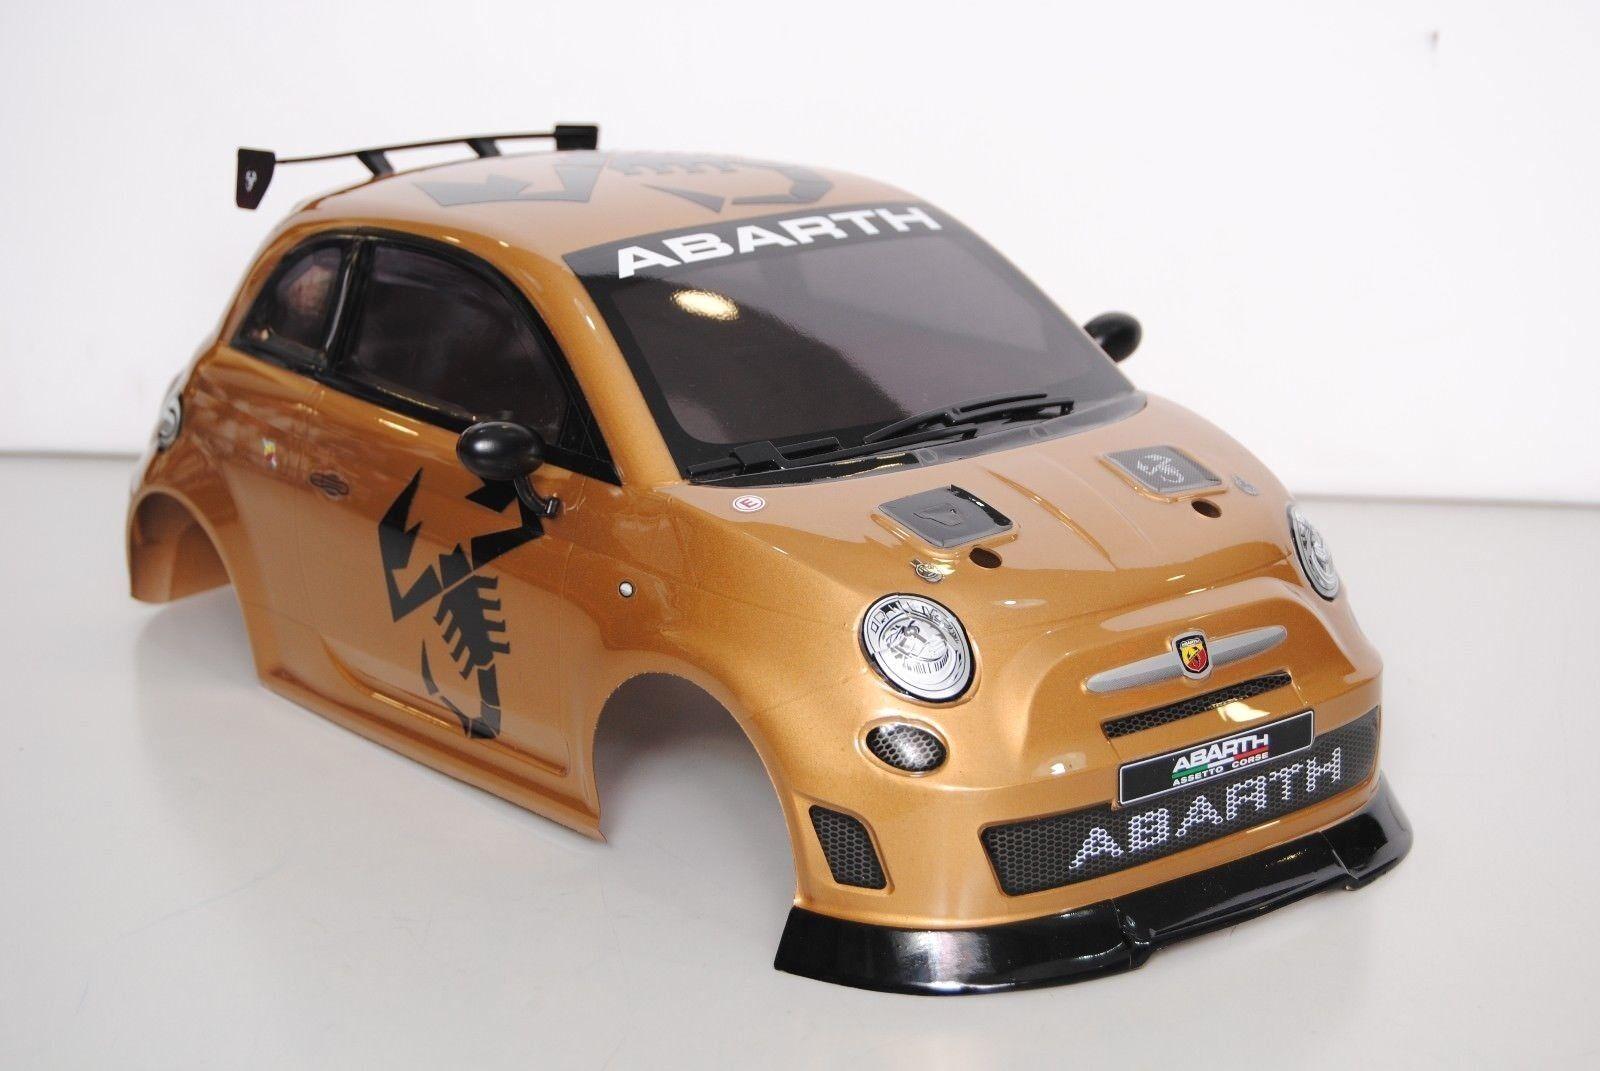 THE RALLY LEGENDS EZQR10520-I Carrozzeria FIAT 500 Abarth Verniciata + Accessori